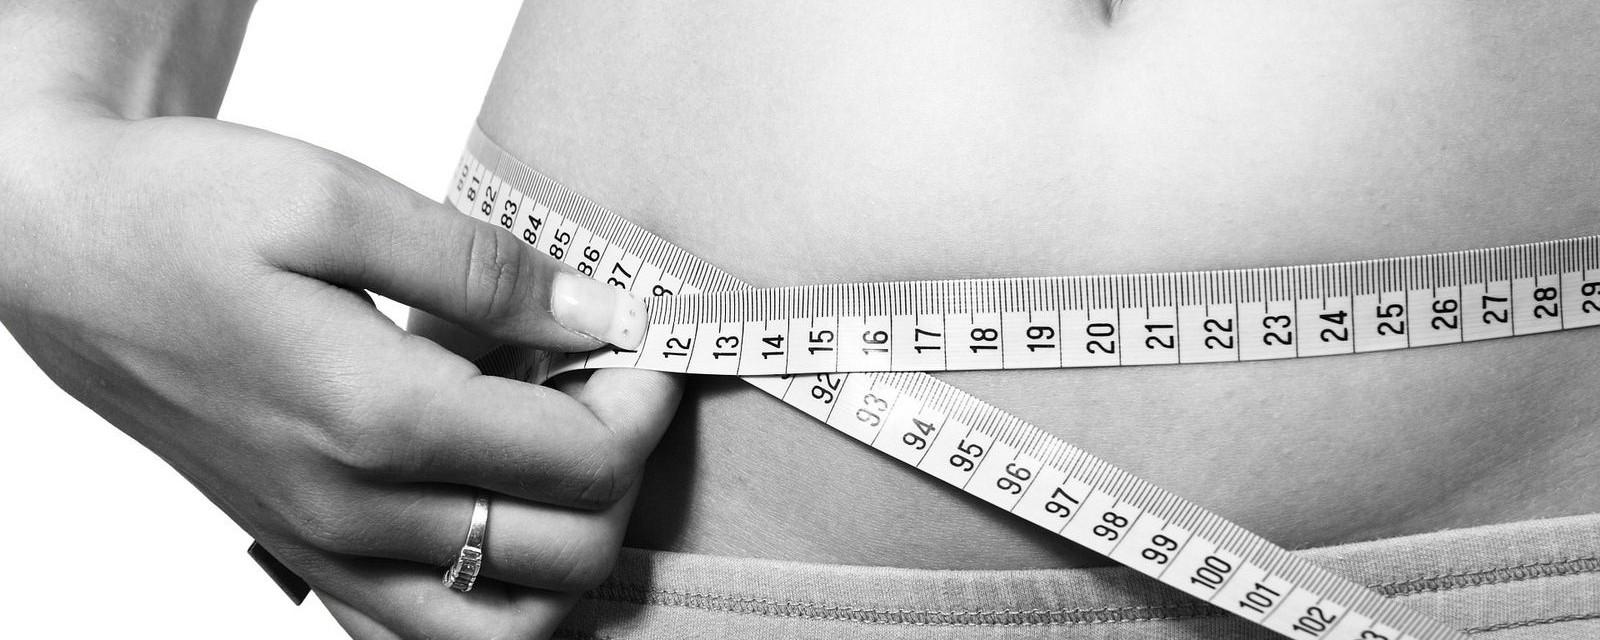 cum să slăbești obezi unde arzi mai întâi grăsimea